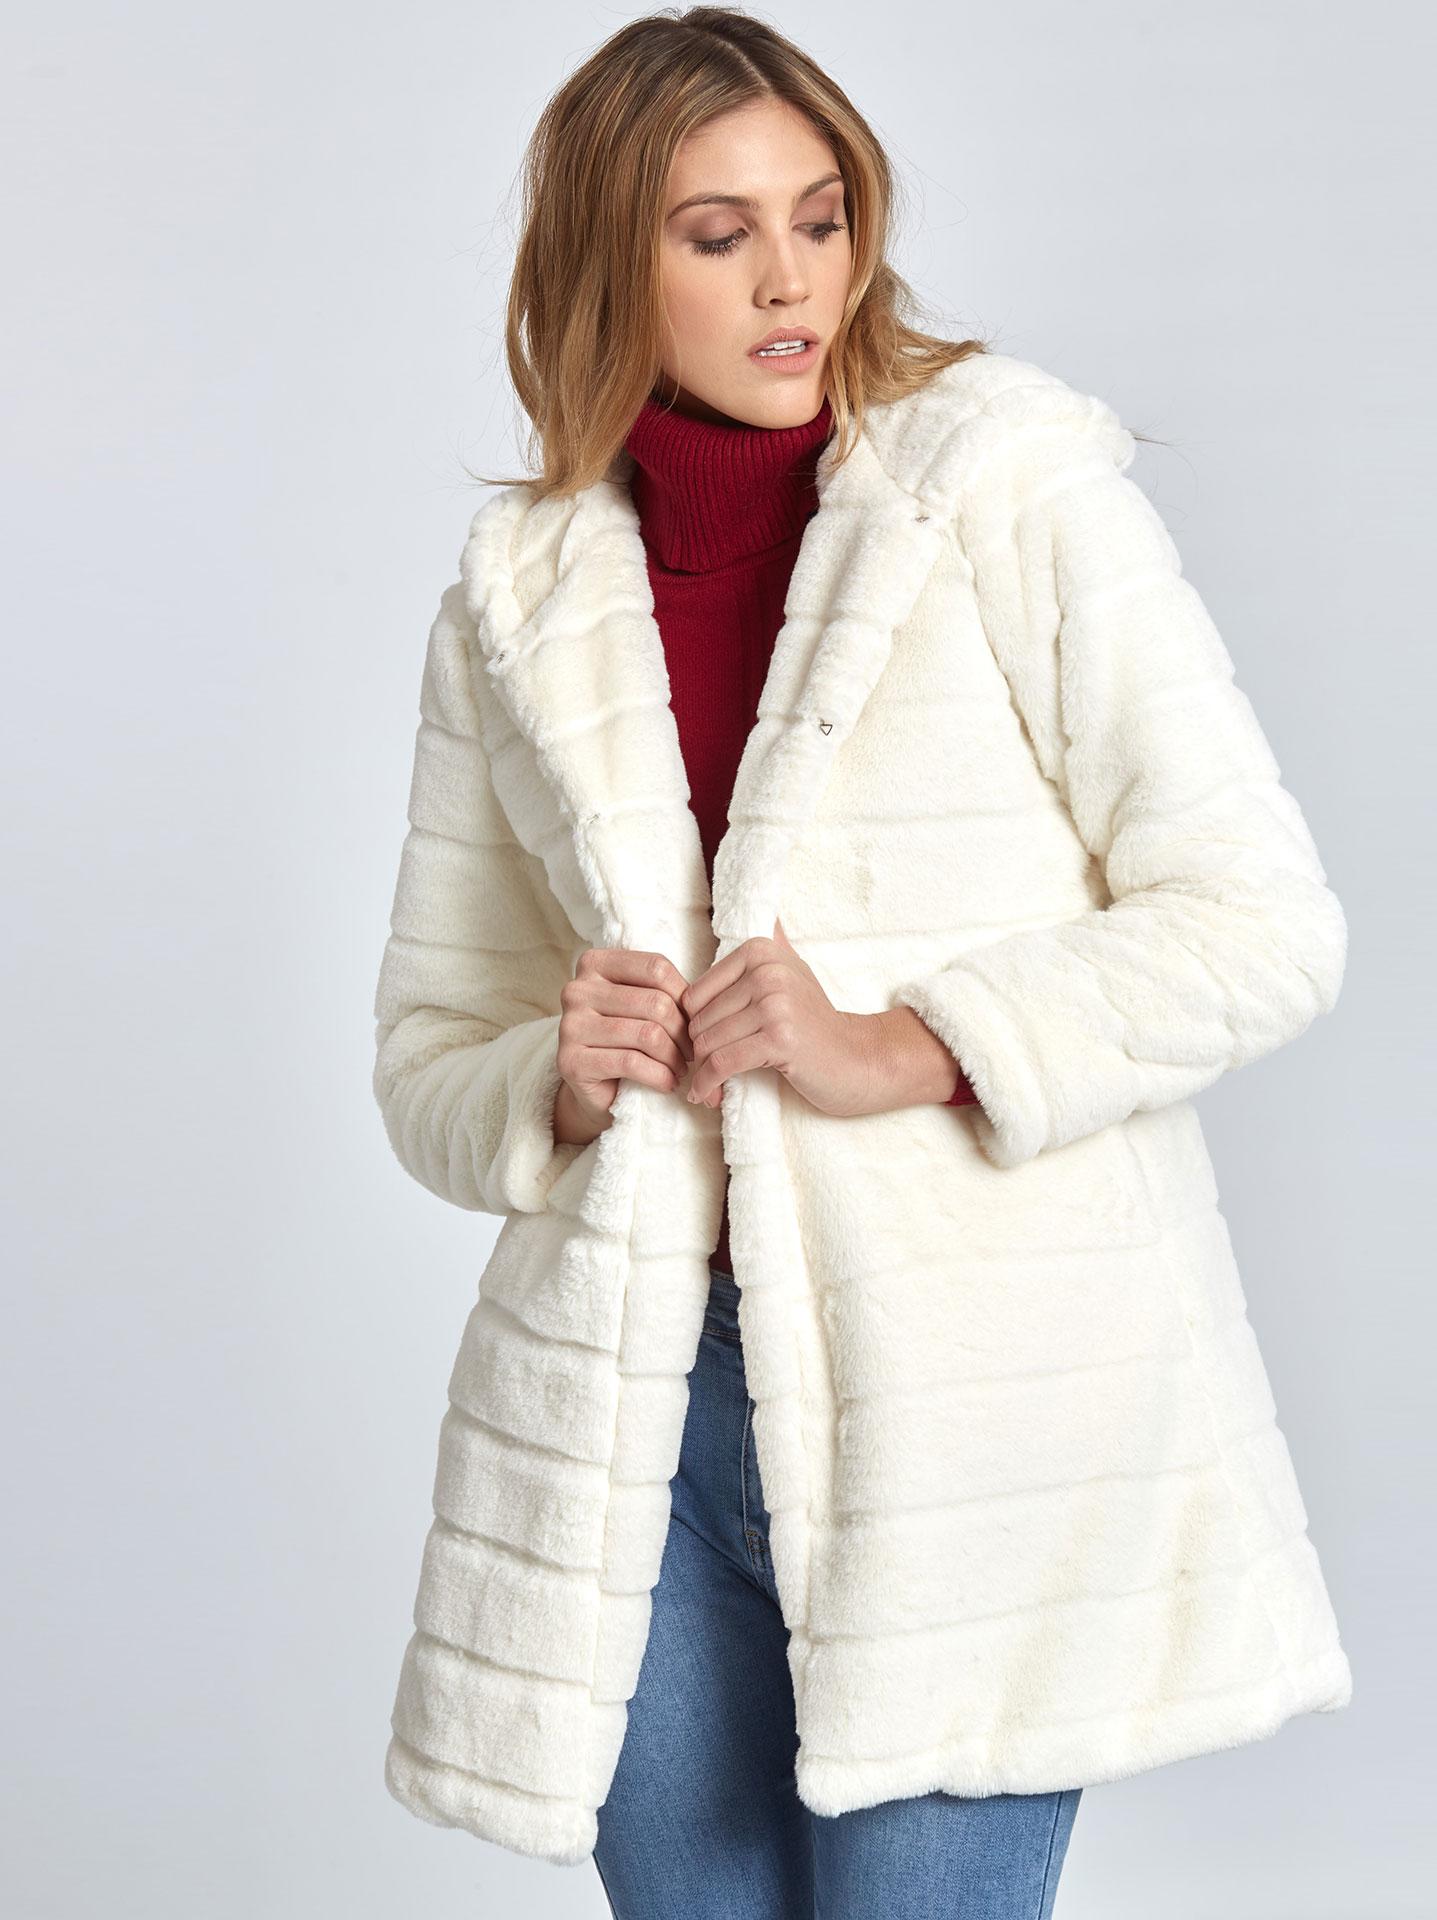 Παλτό από οικολογική-συνθετική γούνα σε λευκο 399f023e69e